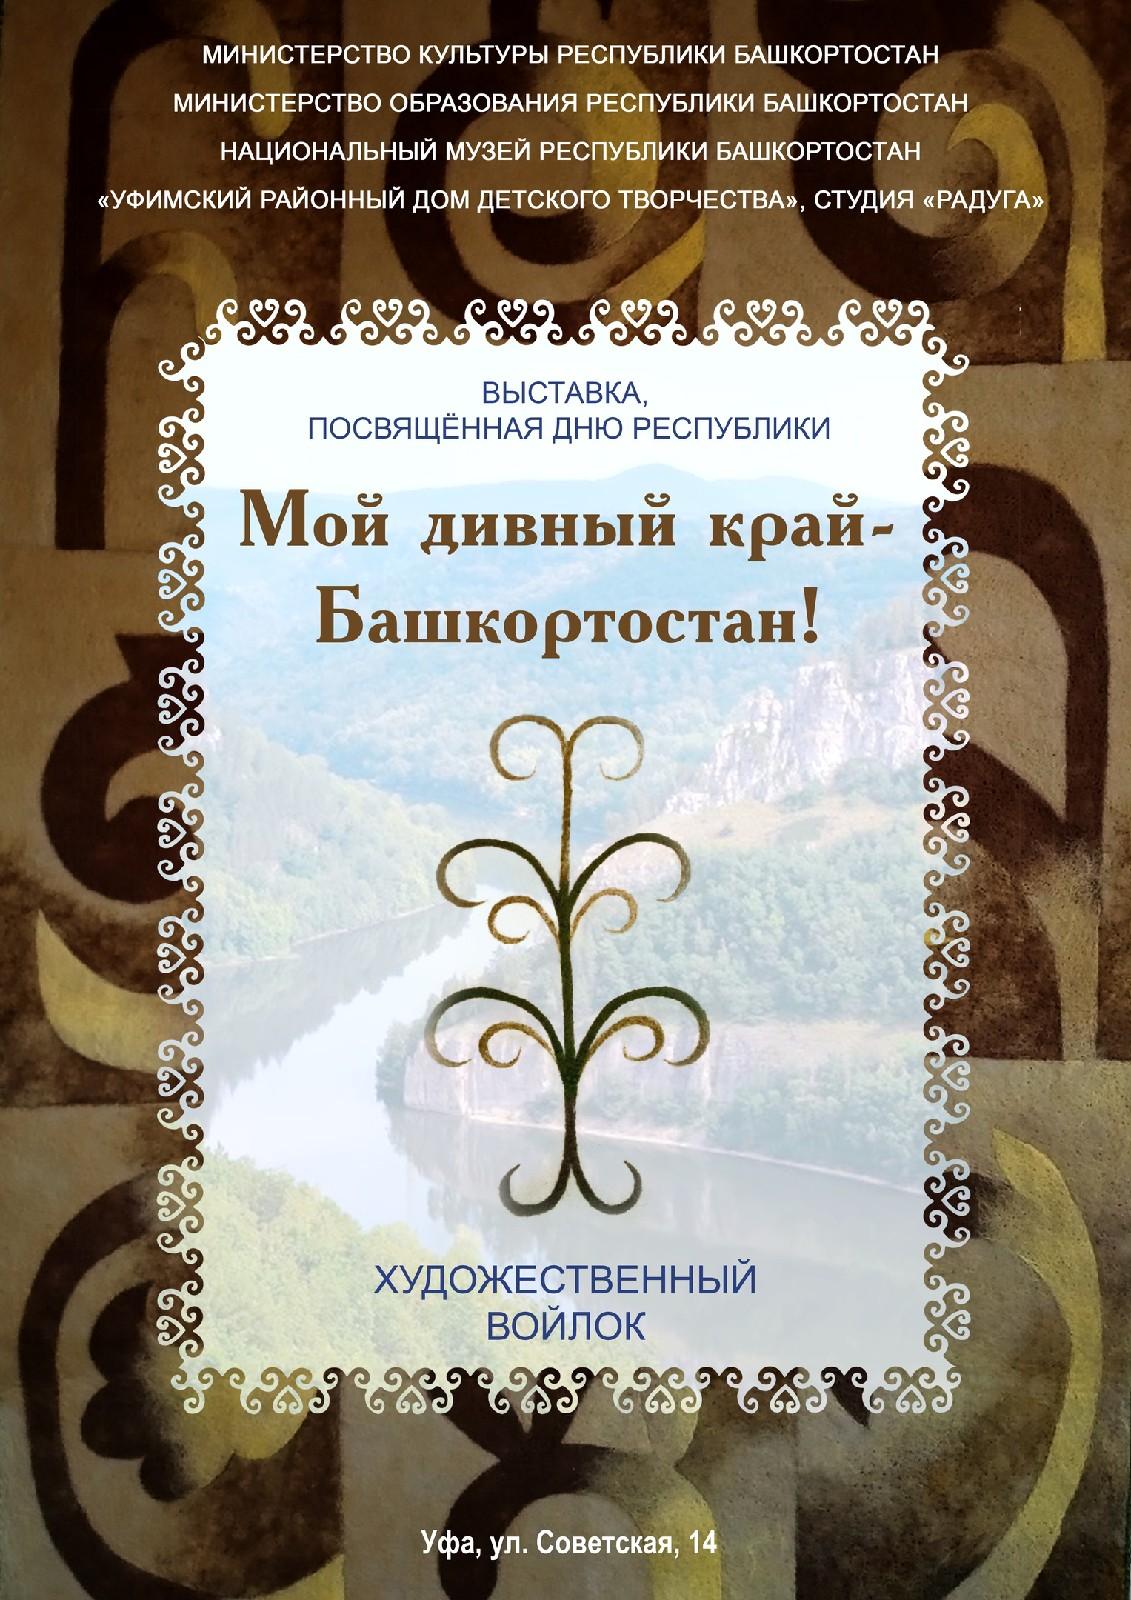 Мой дивный край - Башкортостан